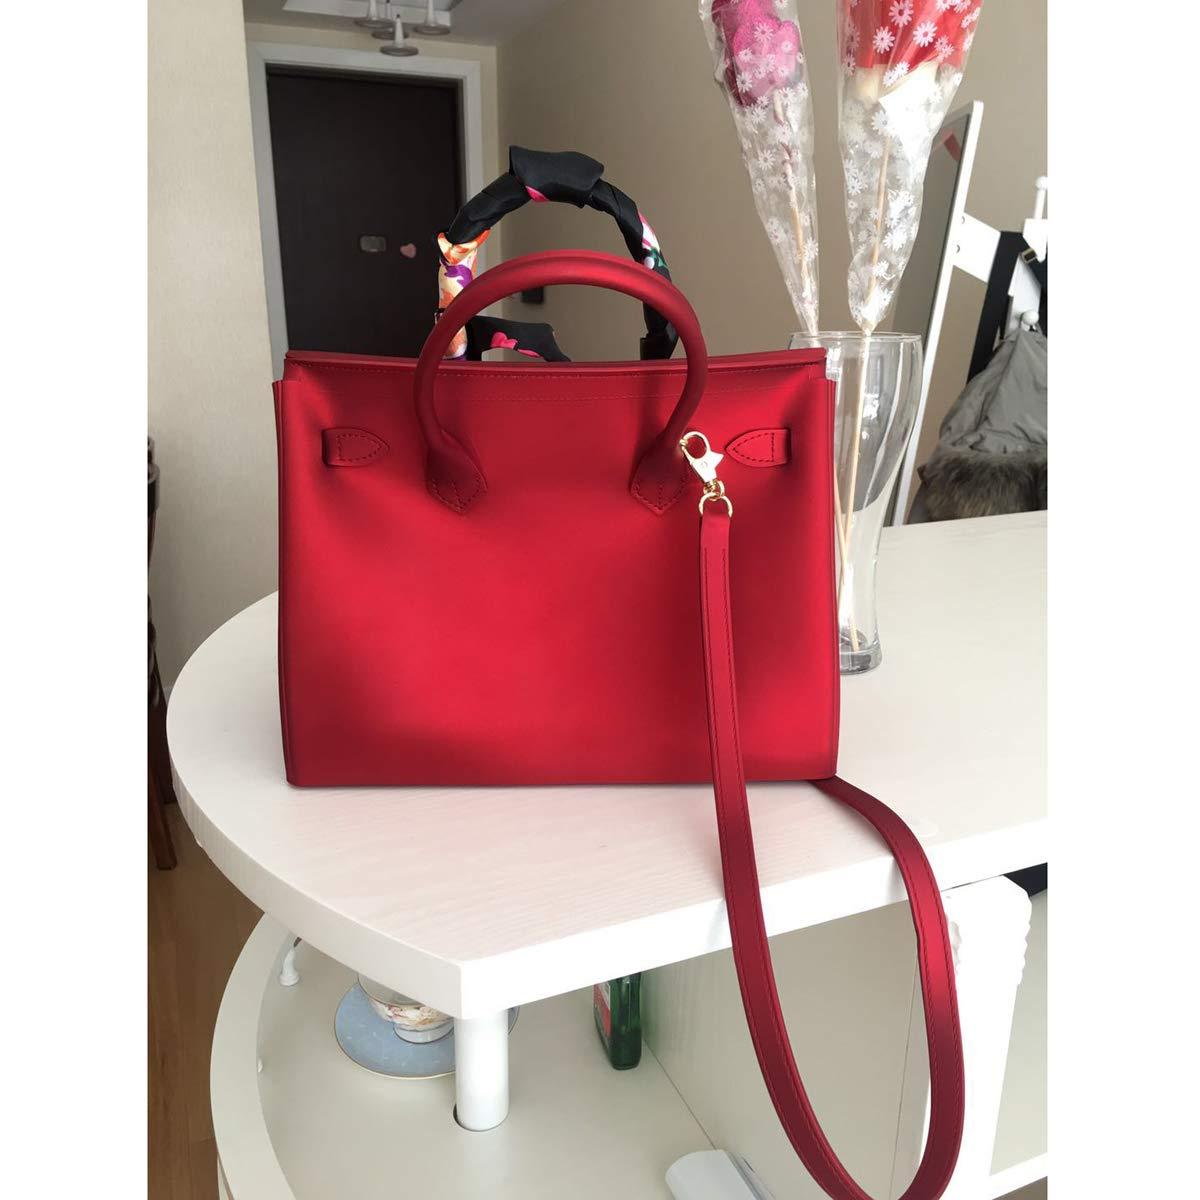 dee8a1da0db2f ... Frauentasche bereifte Geleebeutel-Umhängetasche große Kuriertasche  Kuriertasche Kuriertasche Handtasche (Rosa Gold (zipper) ...